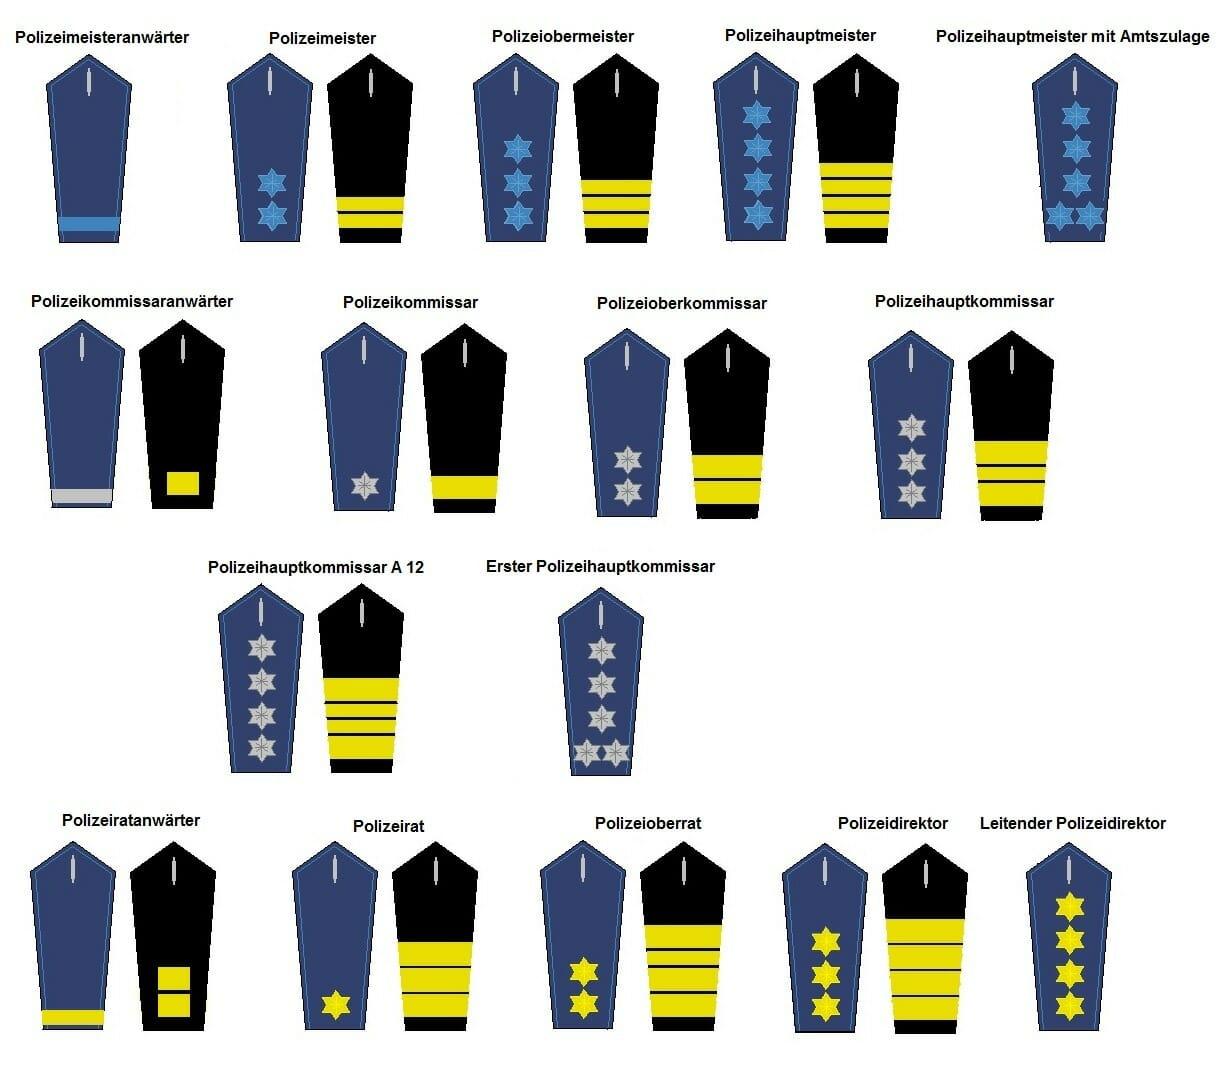 Bundespolizei Dienstgrade